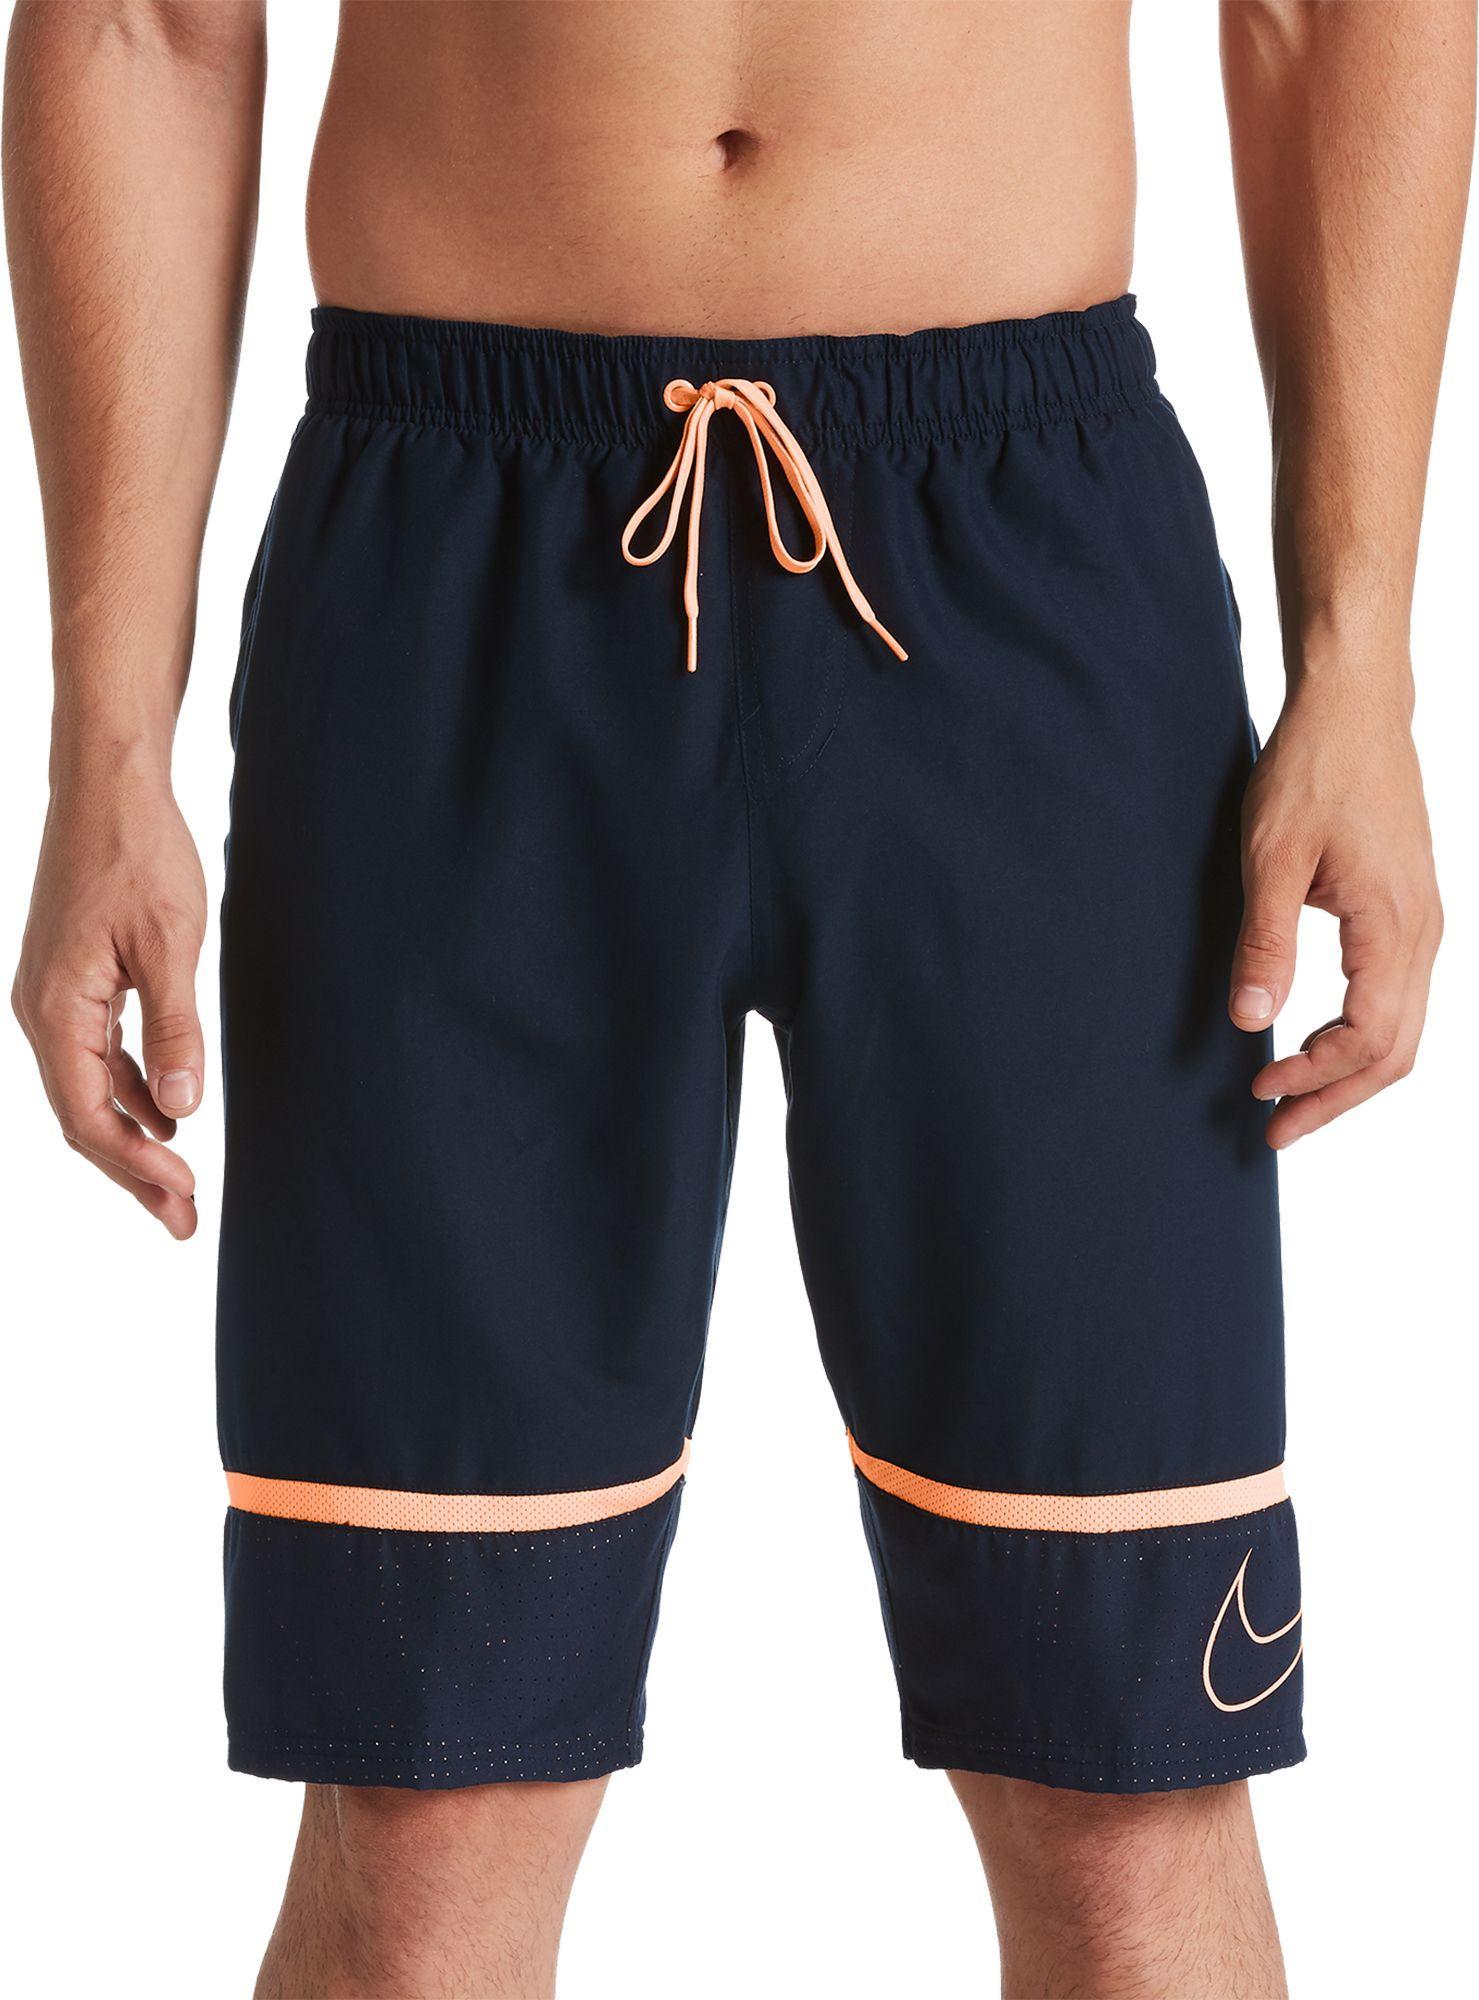 76b4df6684 Nike Men's Perforated Swoosh Breaker 11